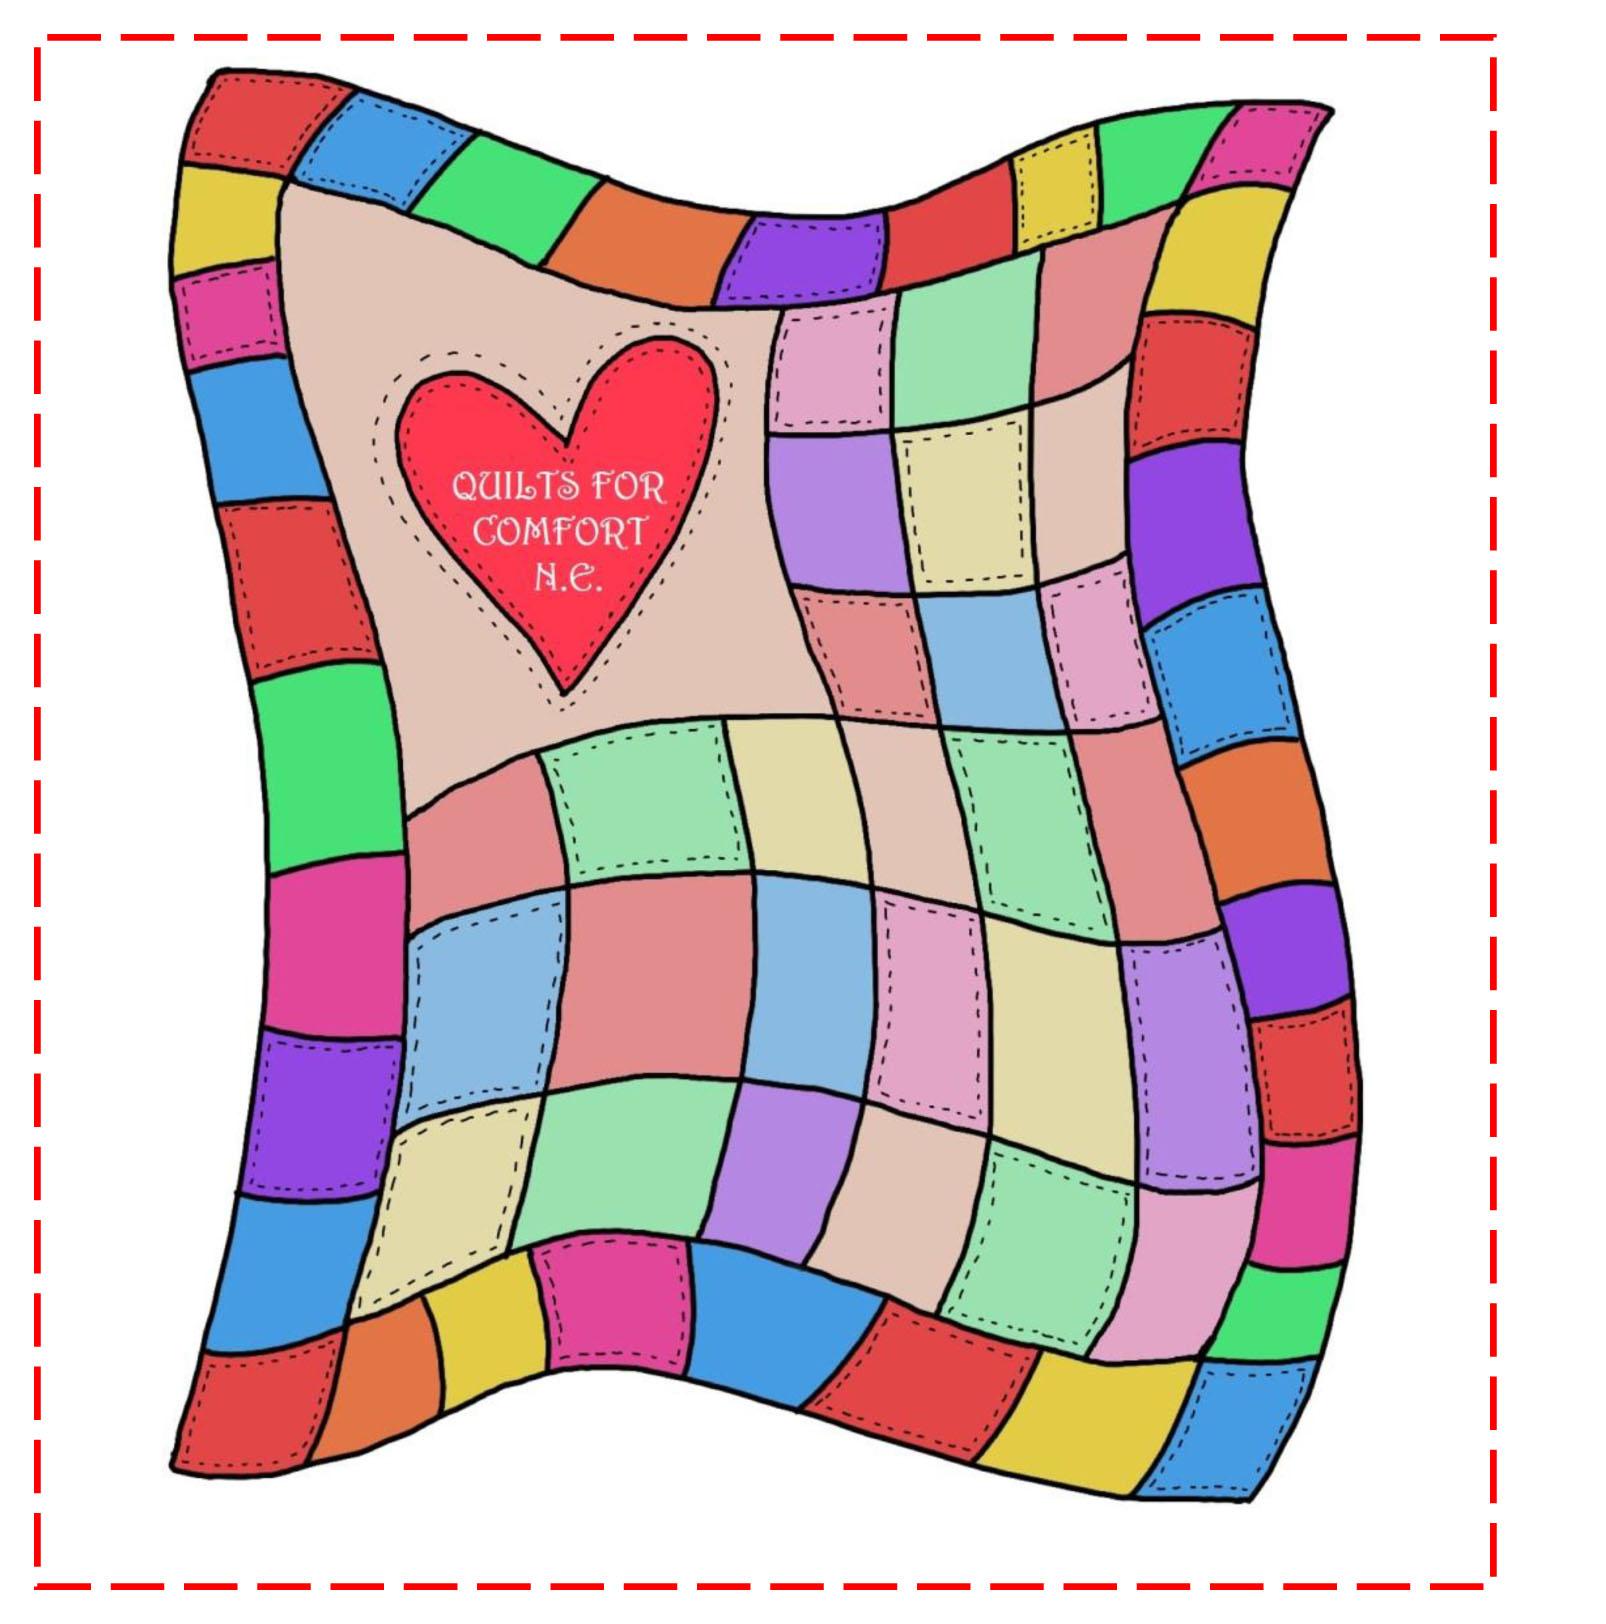 Quilt patchwork clip art image #30612